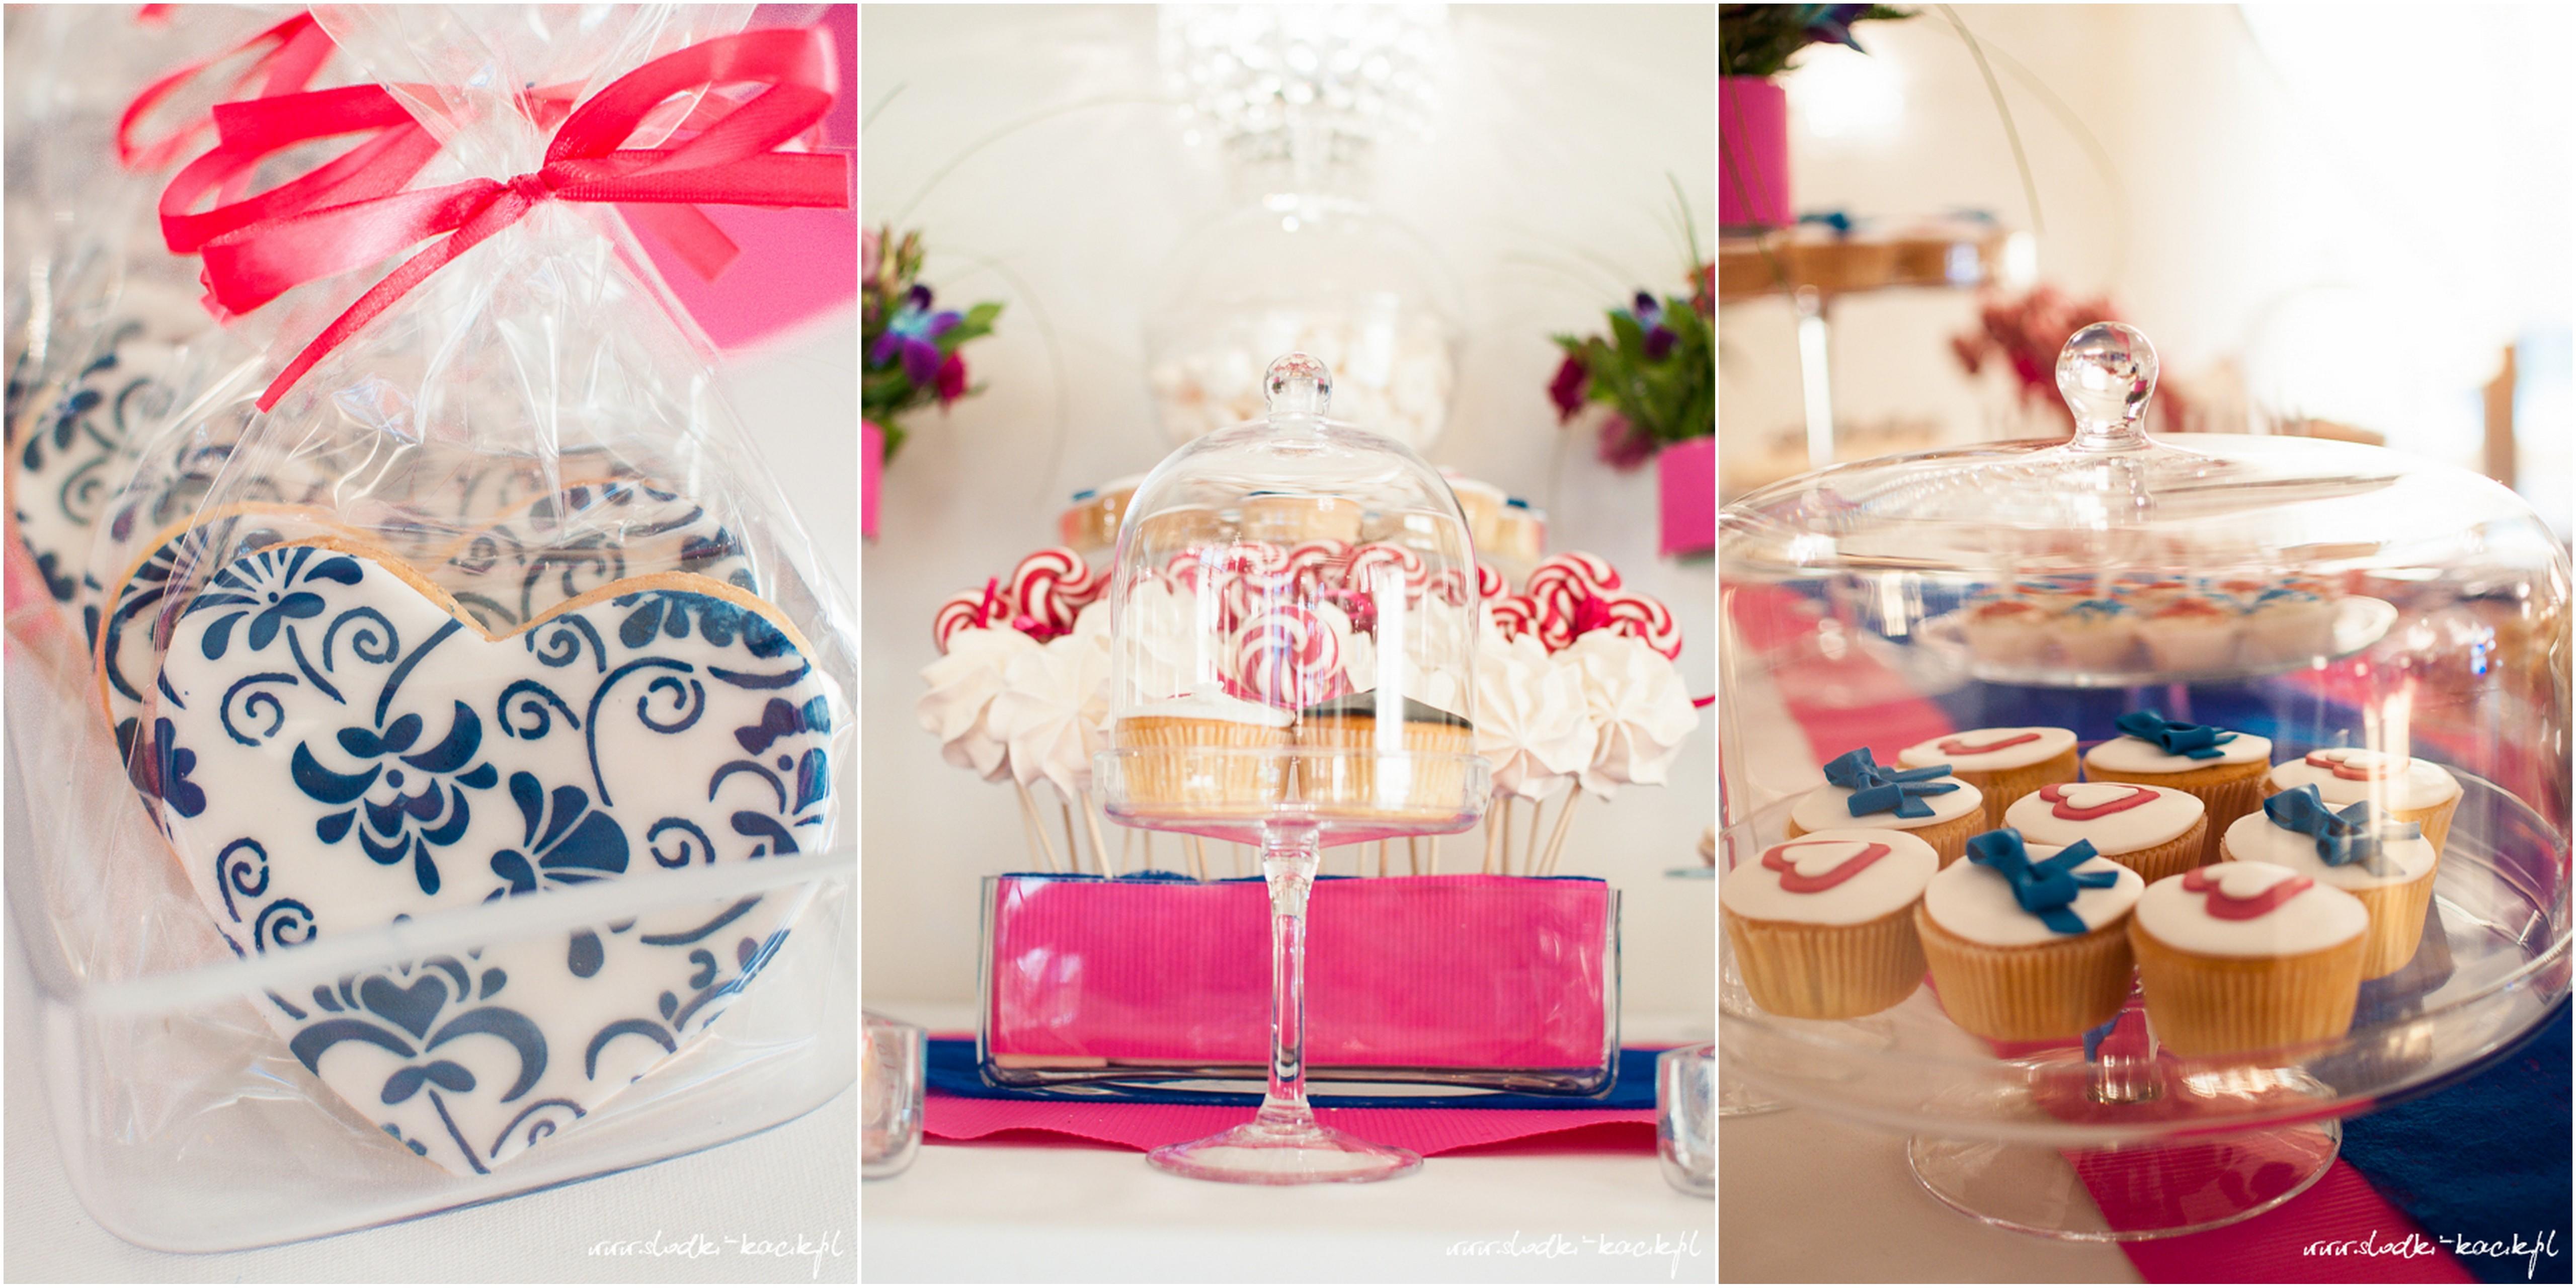 Słodki Kącik fuksja kobalt, słodki stół, słodki bufet, candy bar, tort weselny, ciasto wesele, ślub, pavlova, ciasteczka, słodycze, lizaki, buteleczki, cakepop, cupcake,  popcorn (3)